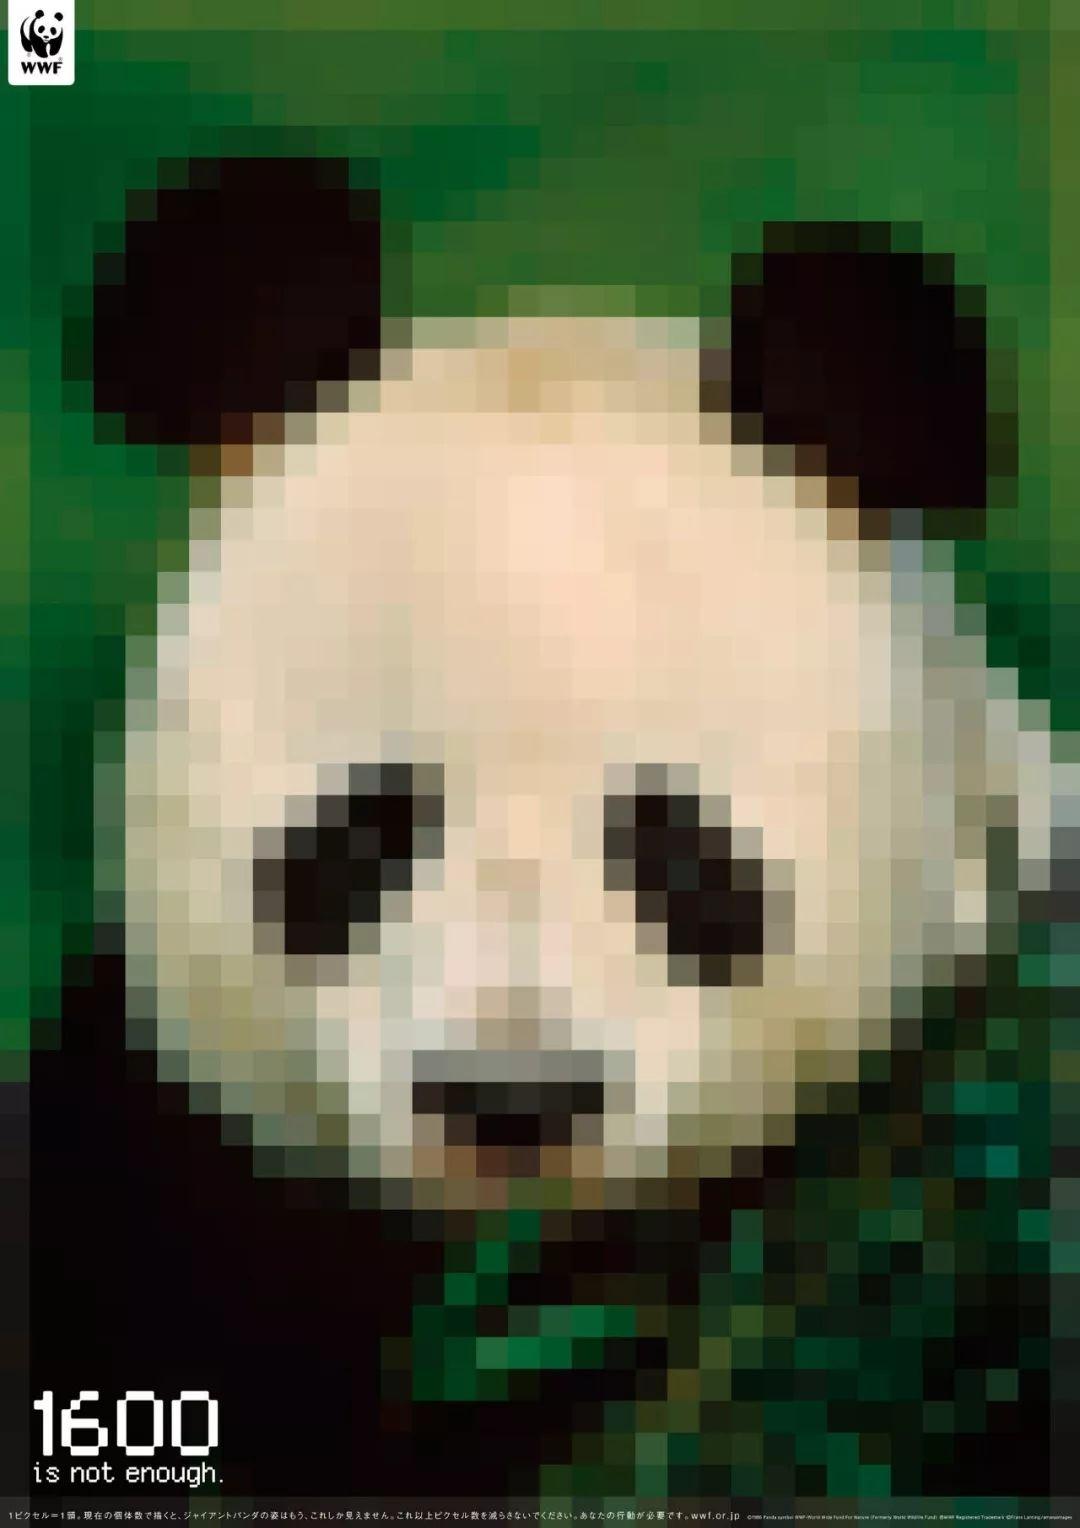 公益海报设计案例赏析 如何凸显濒危动物保护主题